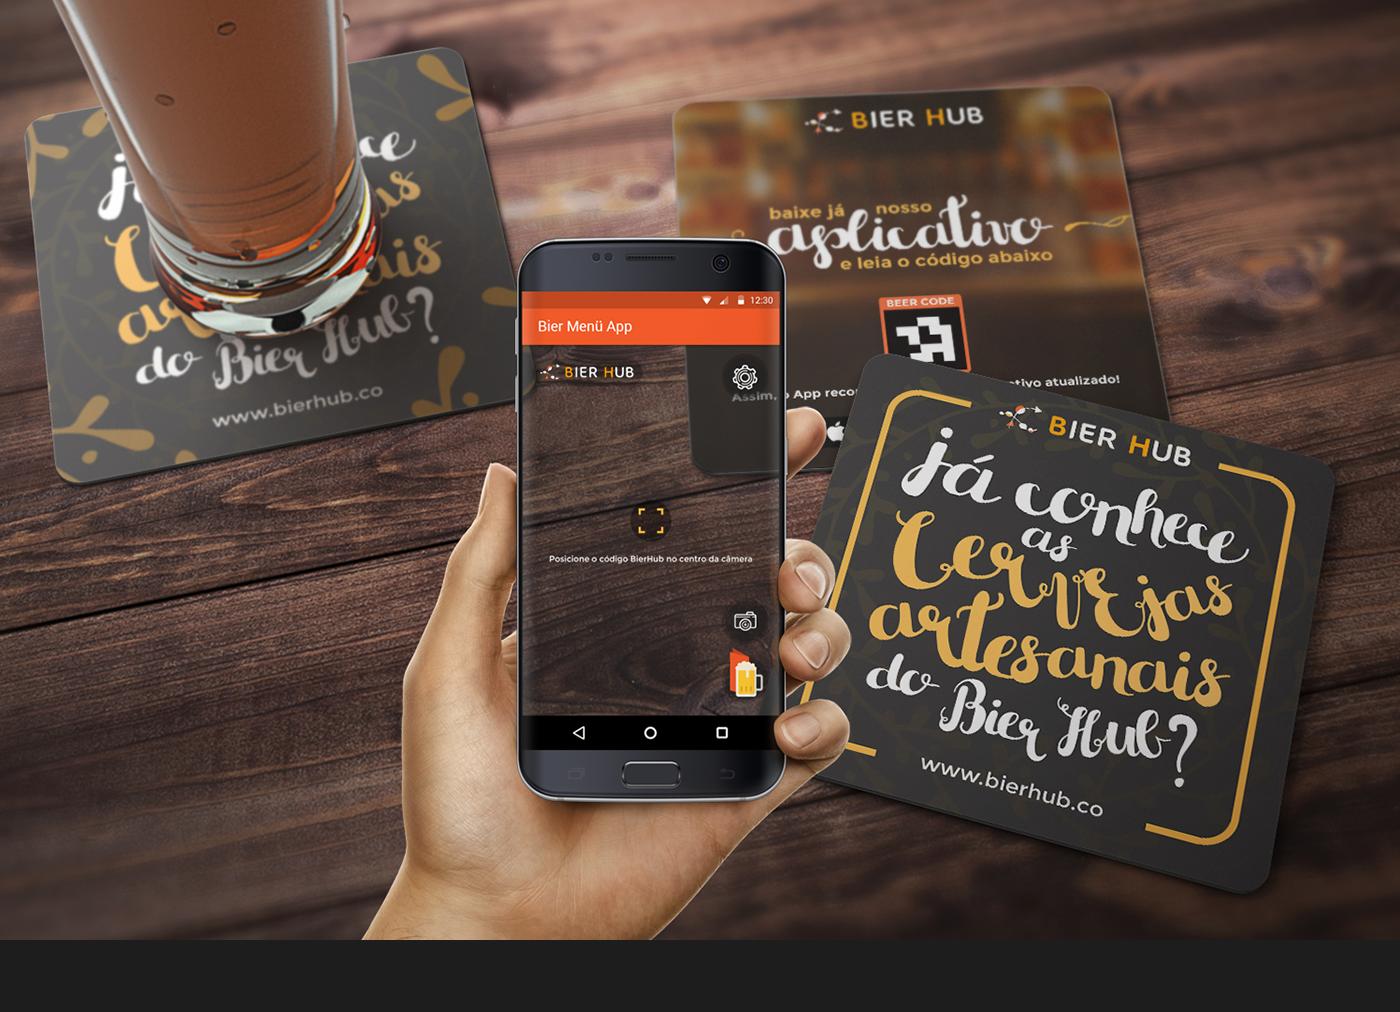 Bierhub - Augmented Reality Beer App